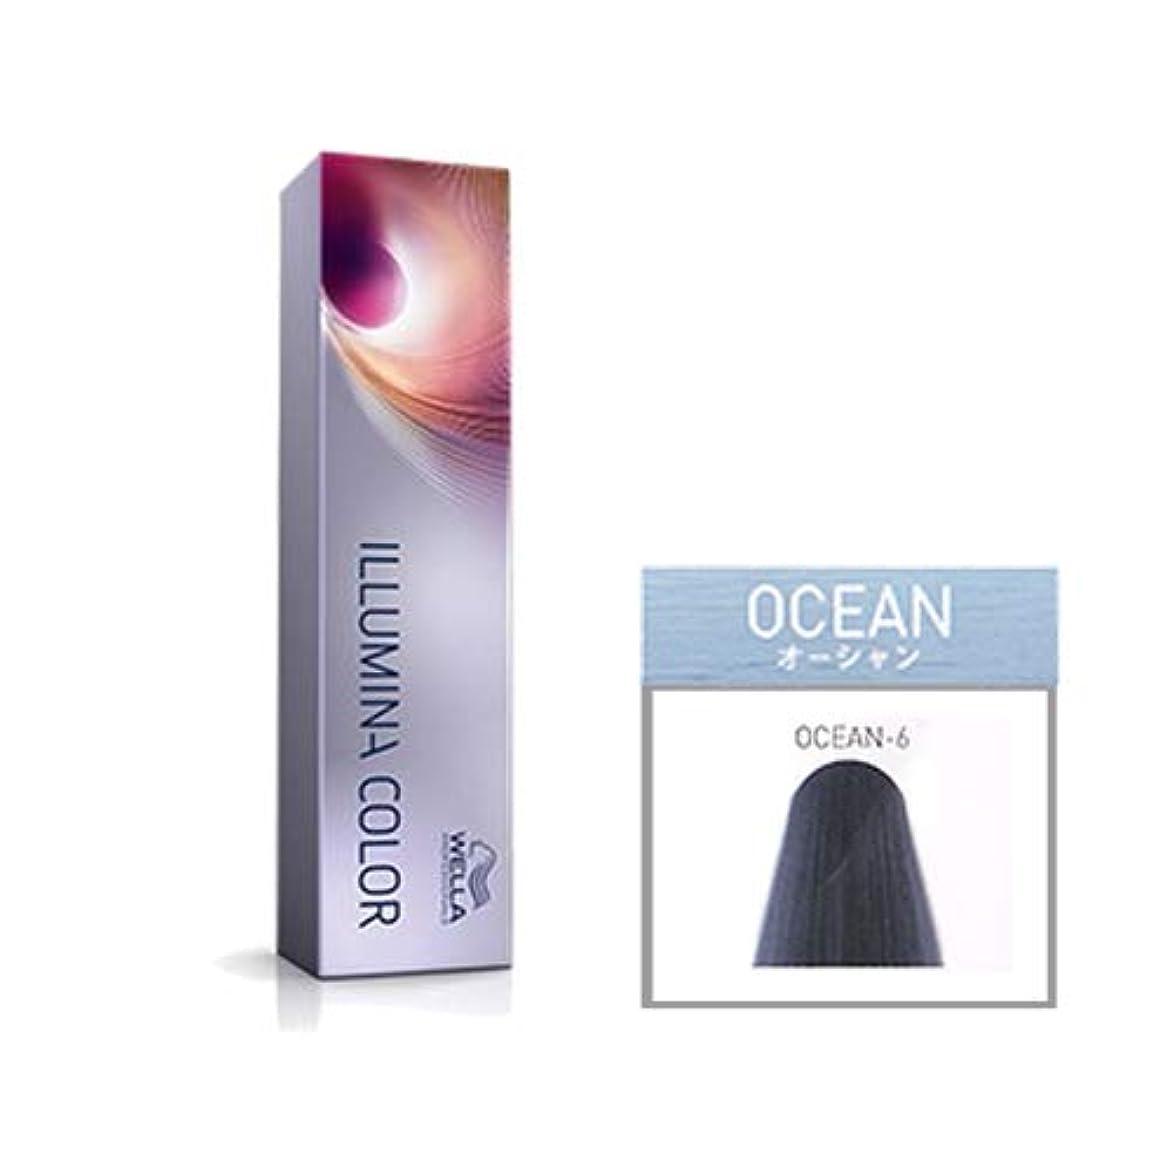 教授壮大な泣いているウエラ プロフェッショナル イルミナ カラー オーシャン OCEAN-6 80g